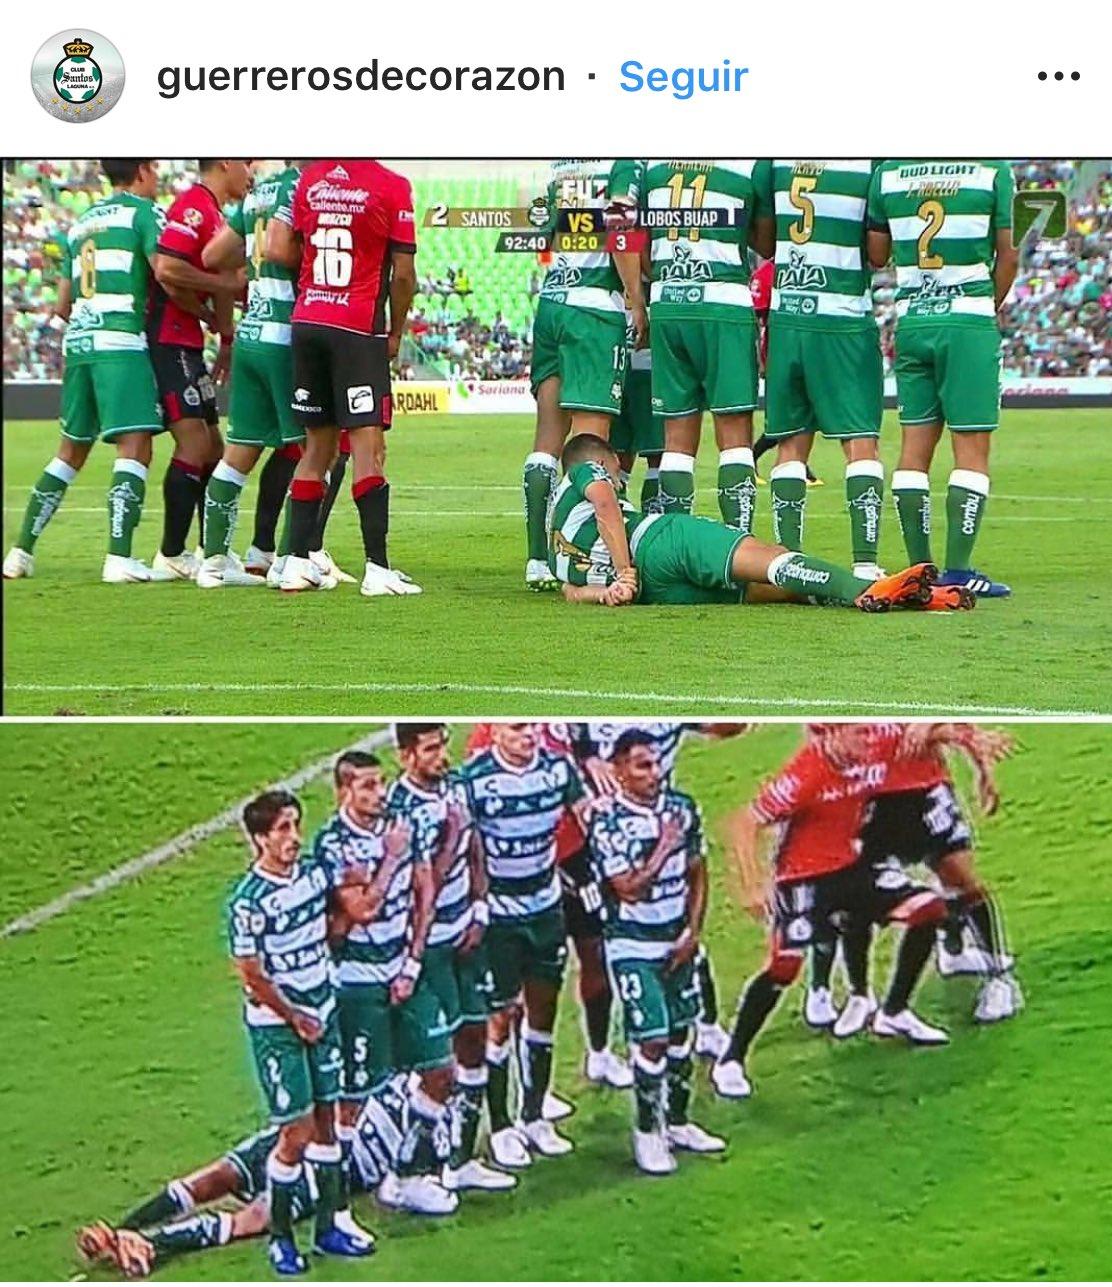 También en el fútbol mexicano hacen el #TranquiloPose Lagunero de Corazón vamos @ClubSantos ������������ https://t.co/yJcrPb3ZIR